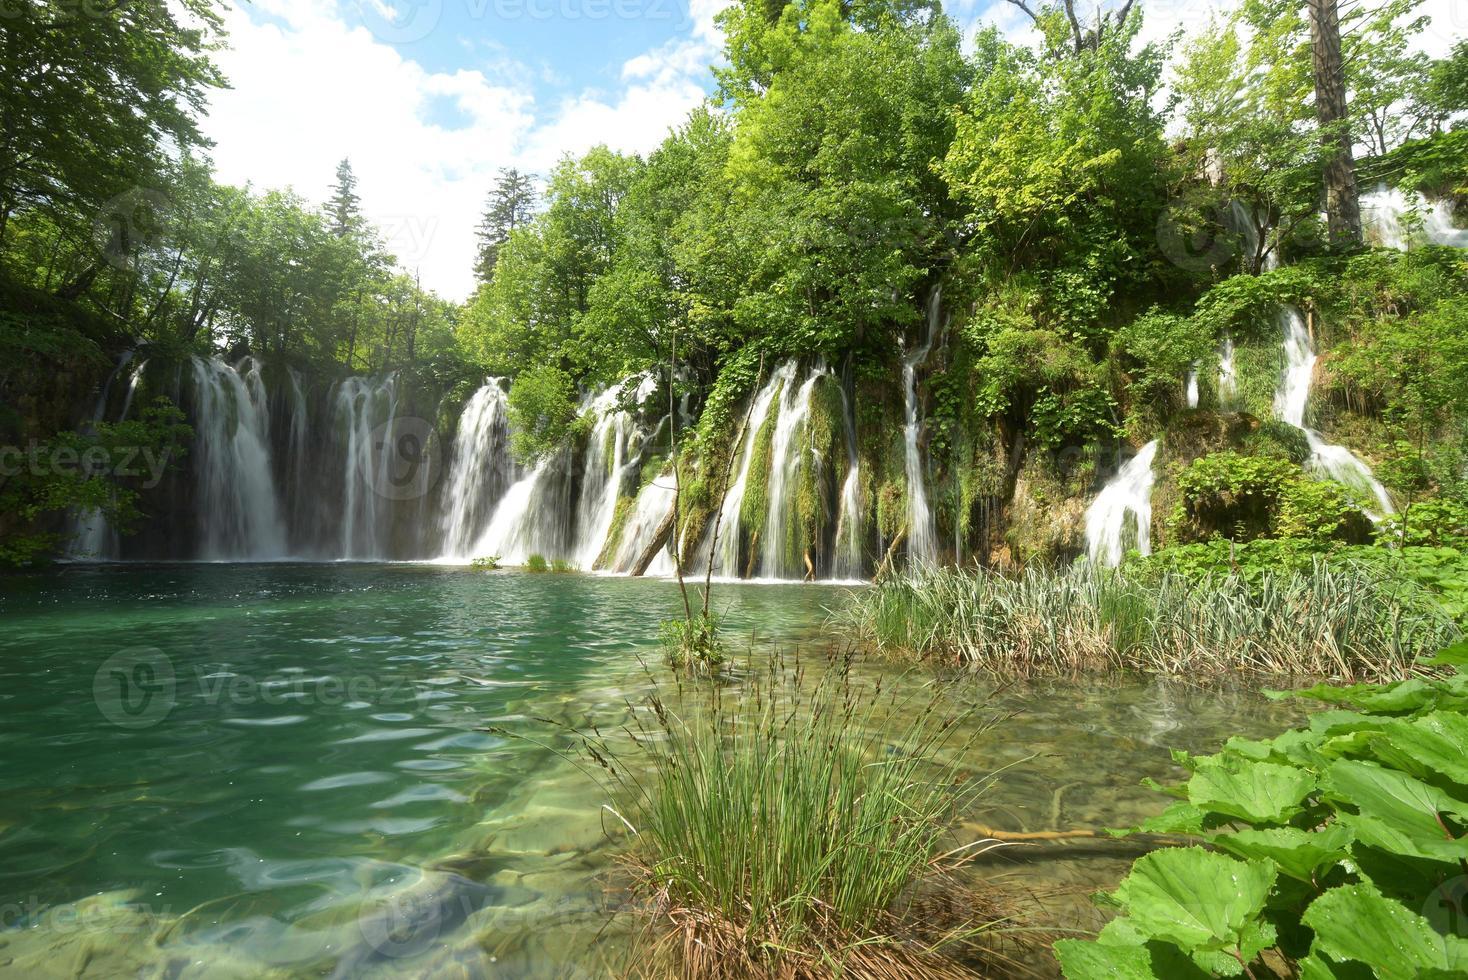 lagos plitvice, croácia, europa foto